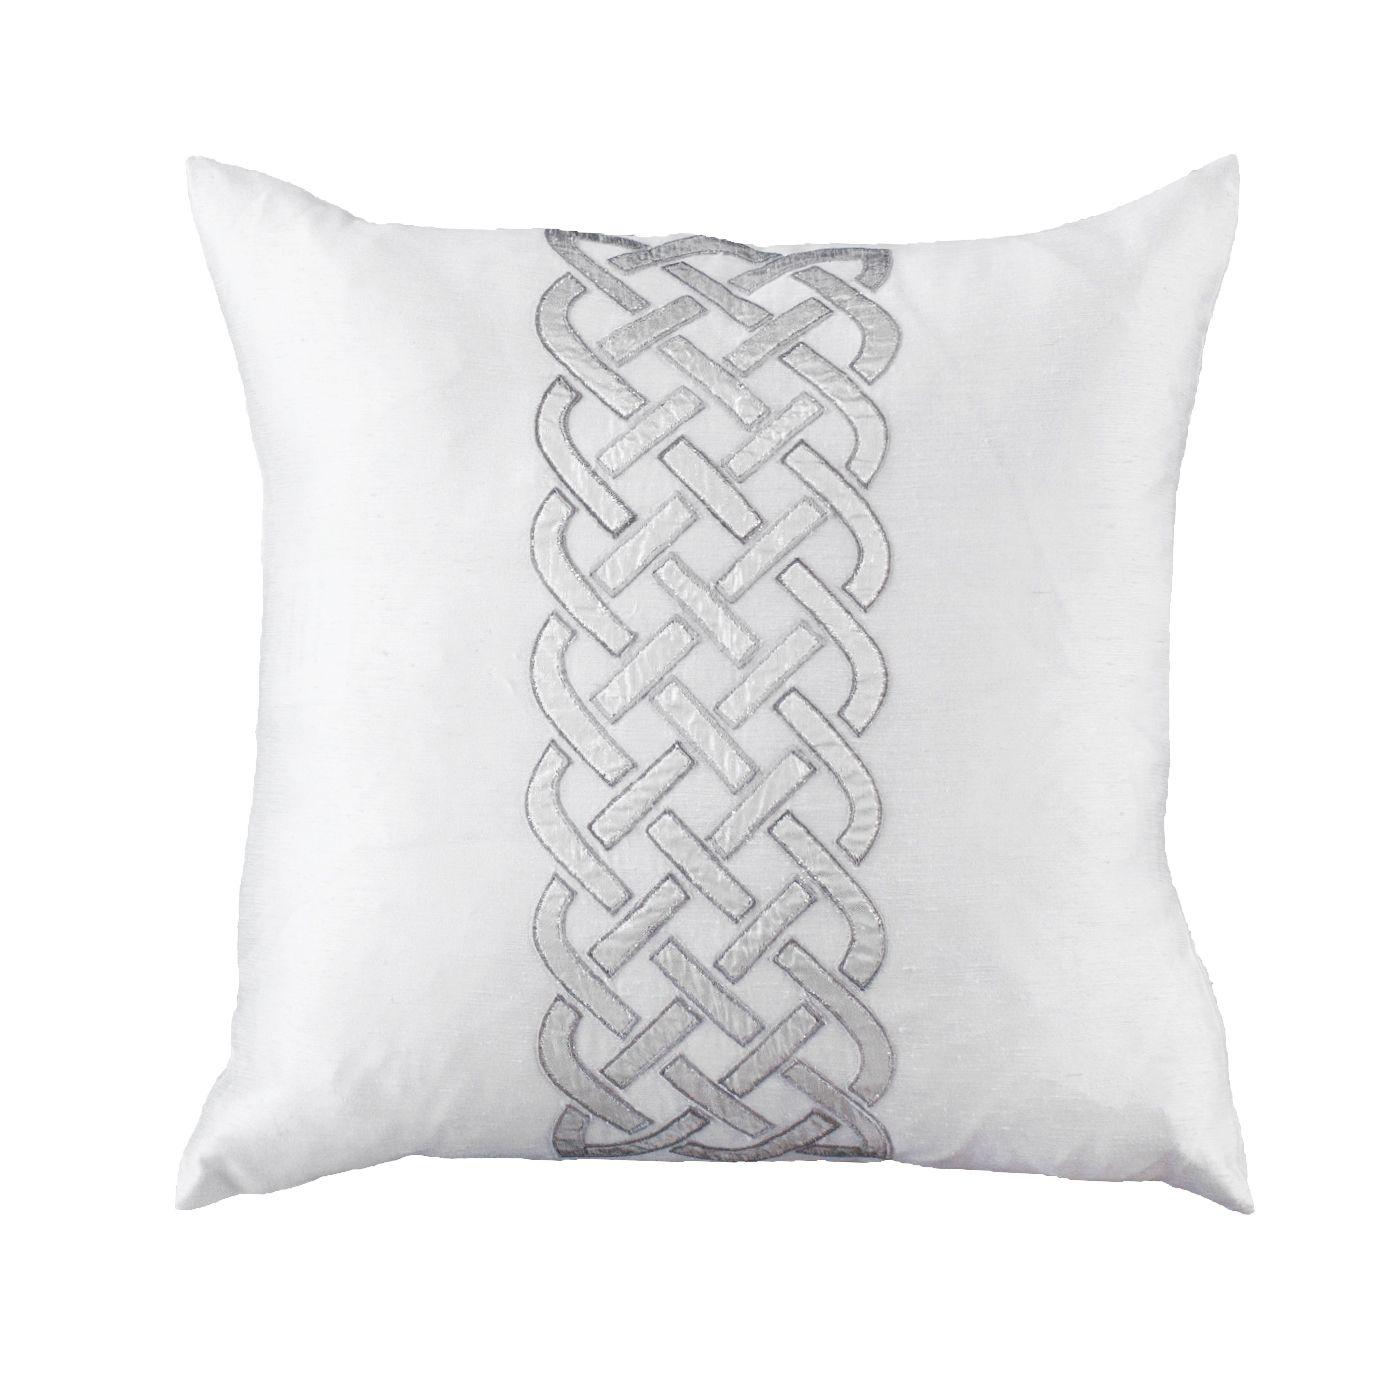 Irish knot silver medium cushion 50x50cm bandhini